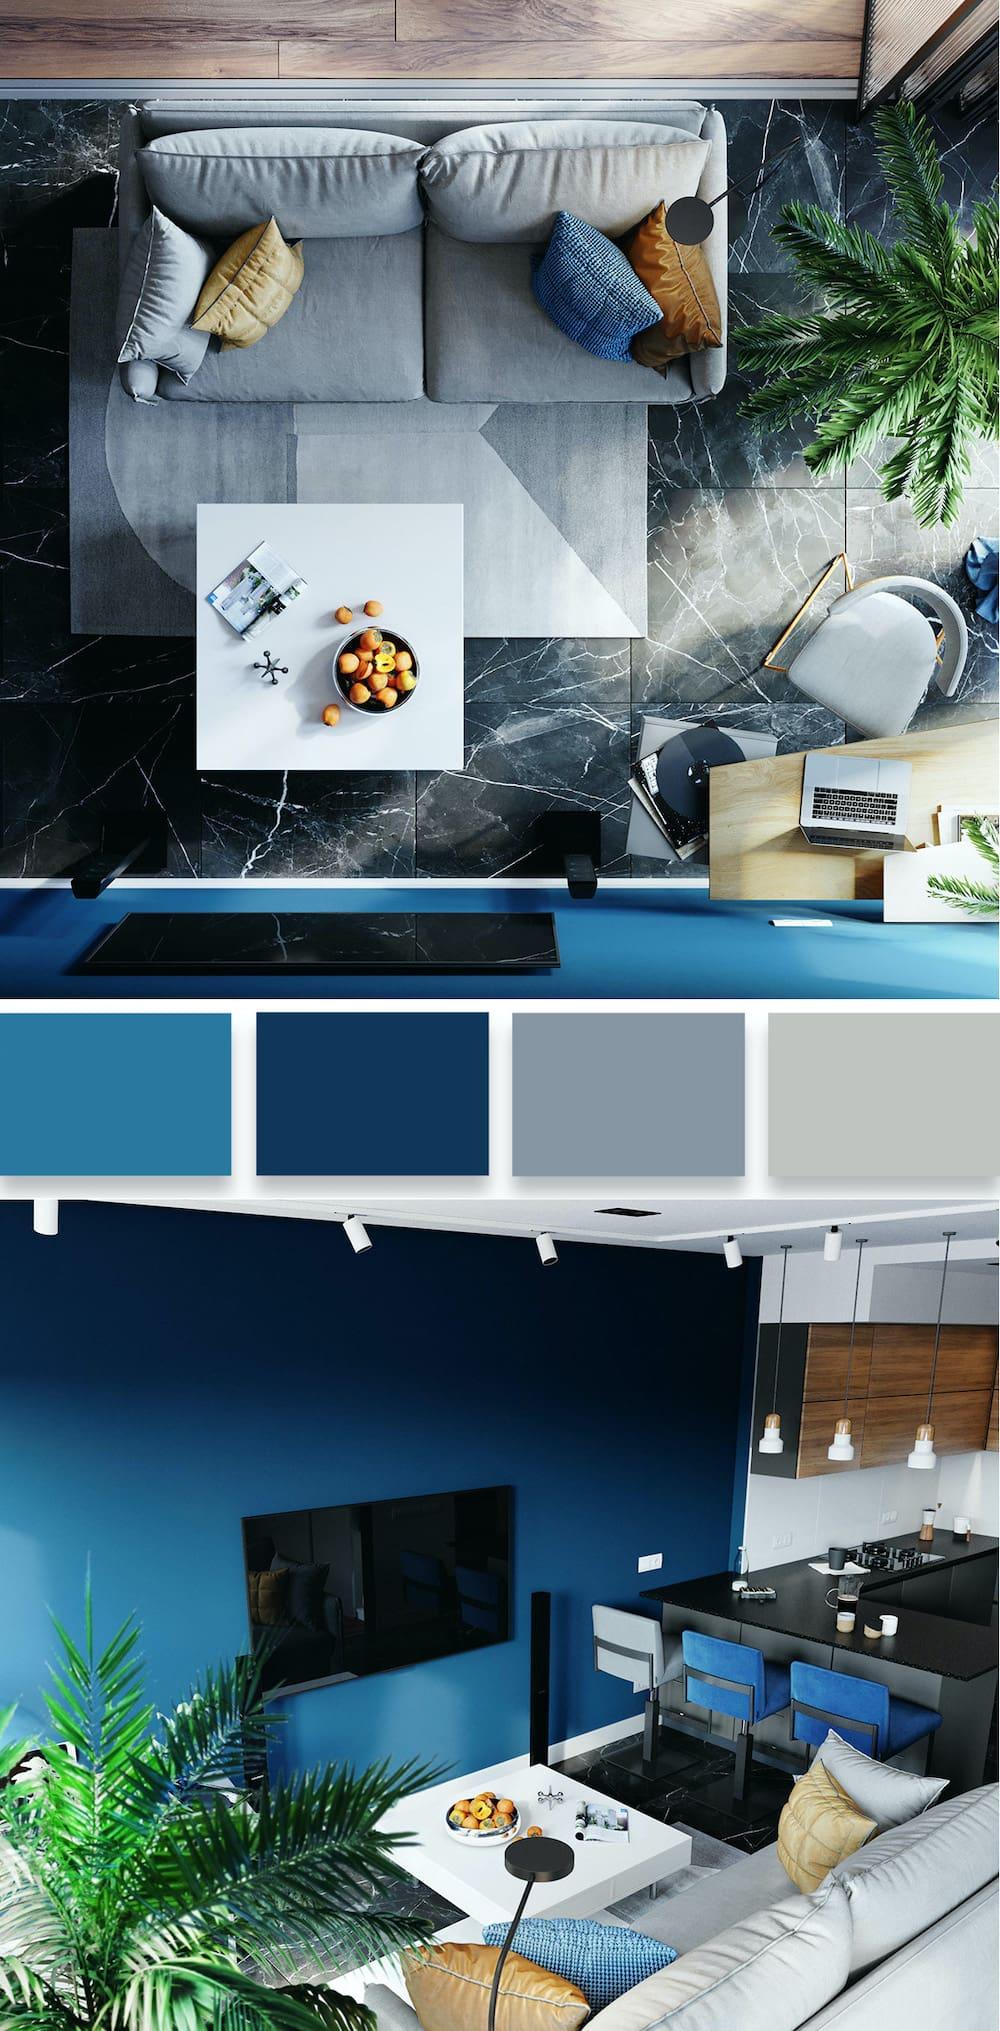 Синий цвет способен зрительно оживить любой интерьер, даже самый скучный и незаурядный